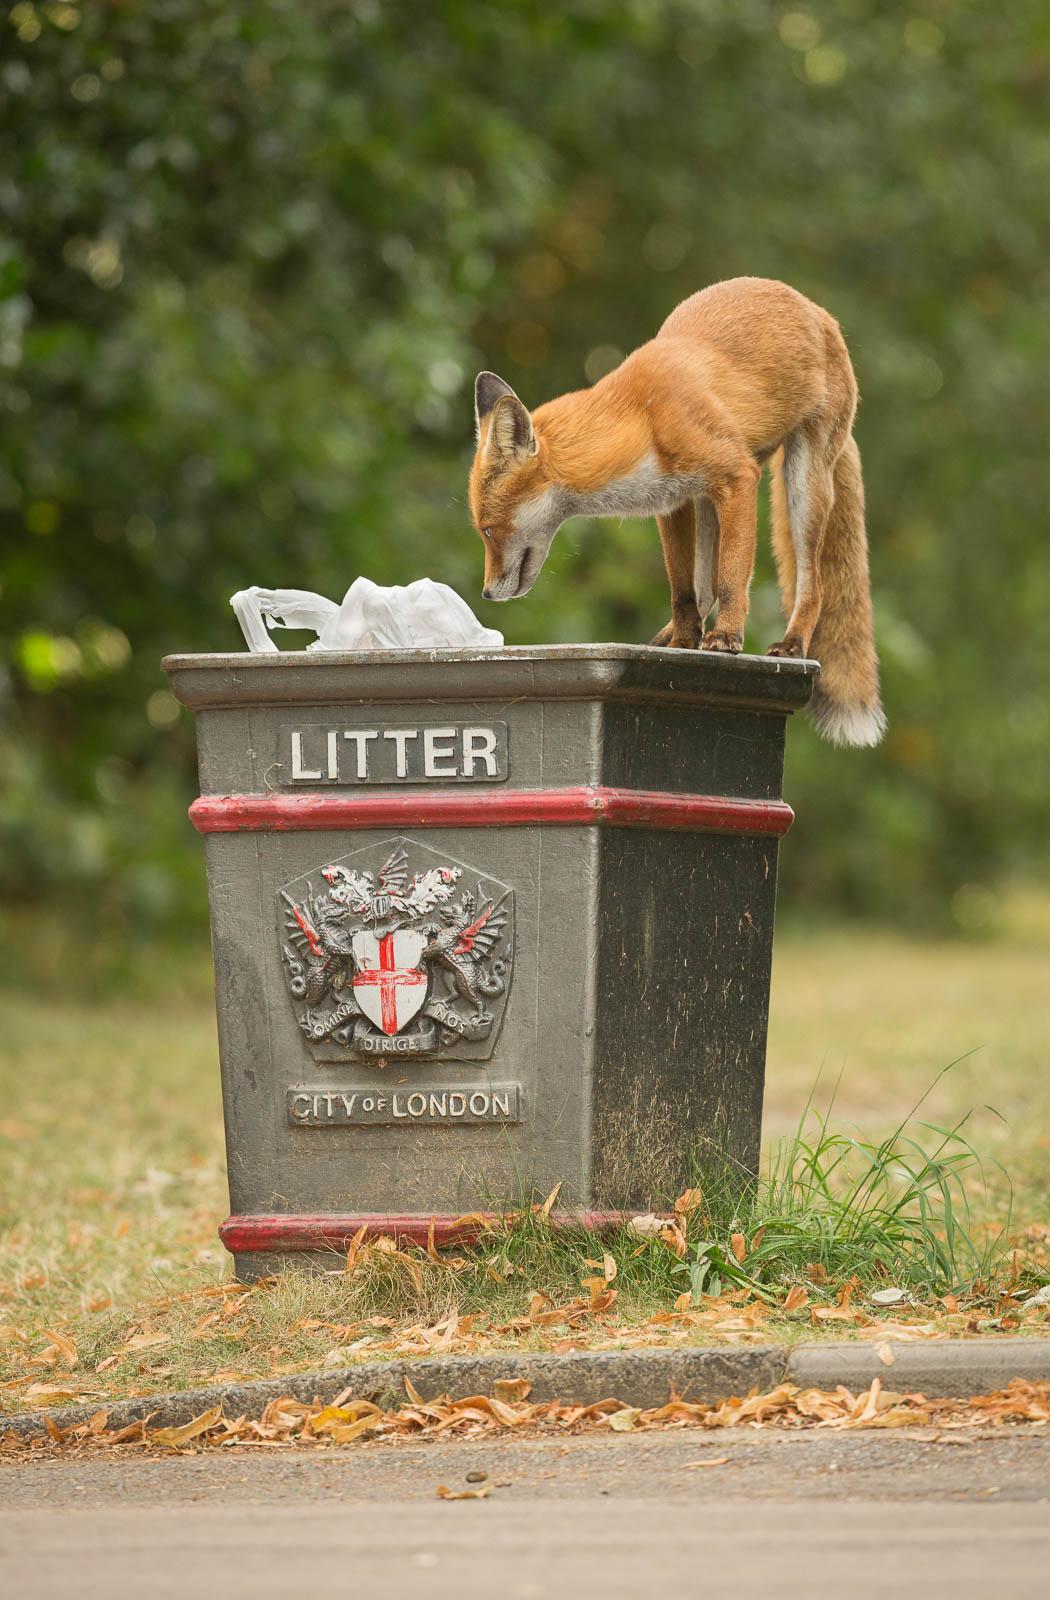 Urban wildlife in parks